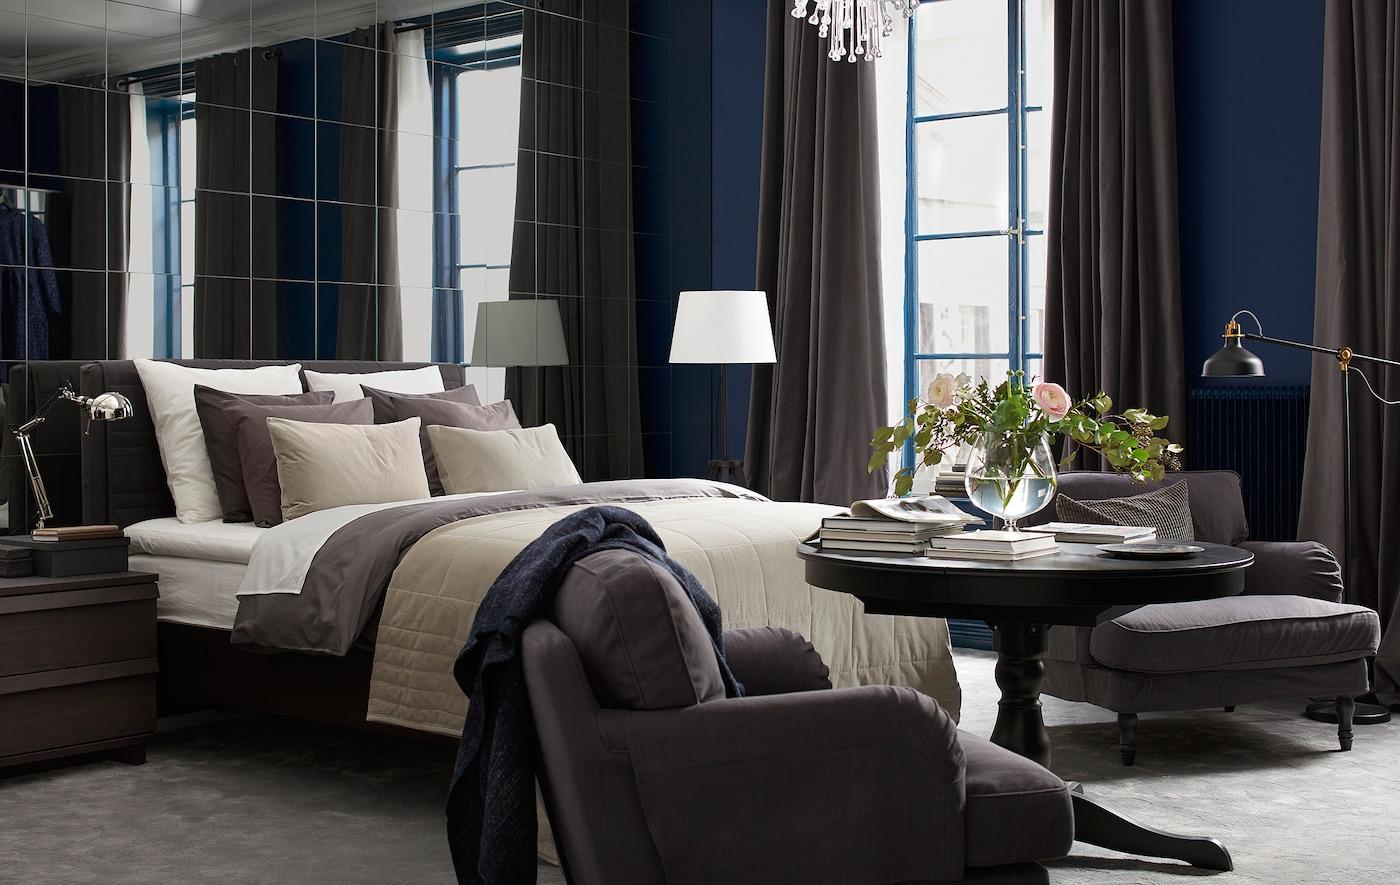 Schlafzimmer im Hotel-Stil einrichten - IKEA Deutschland